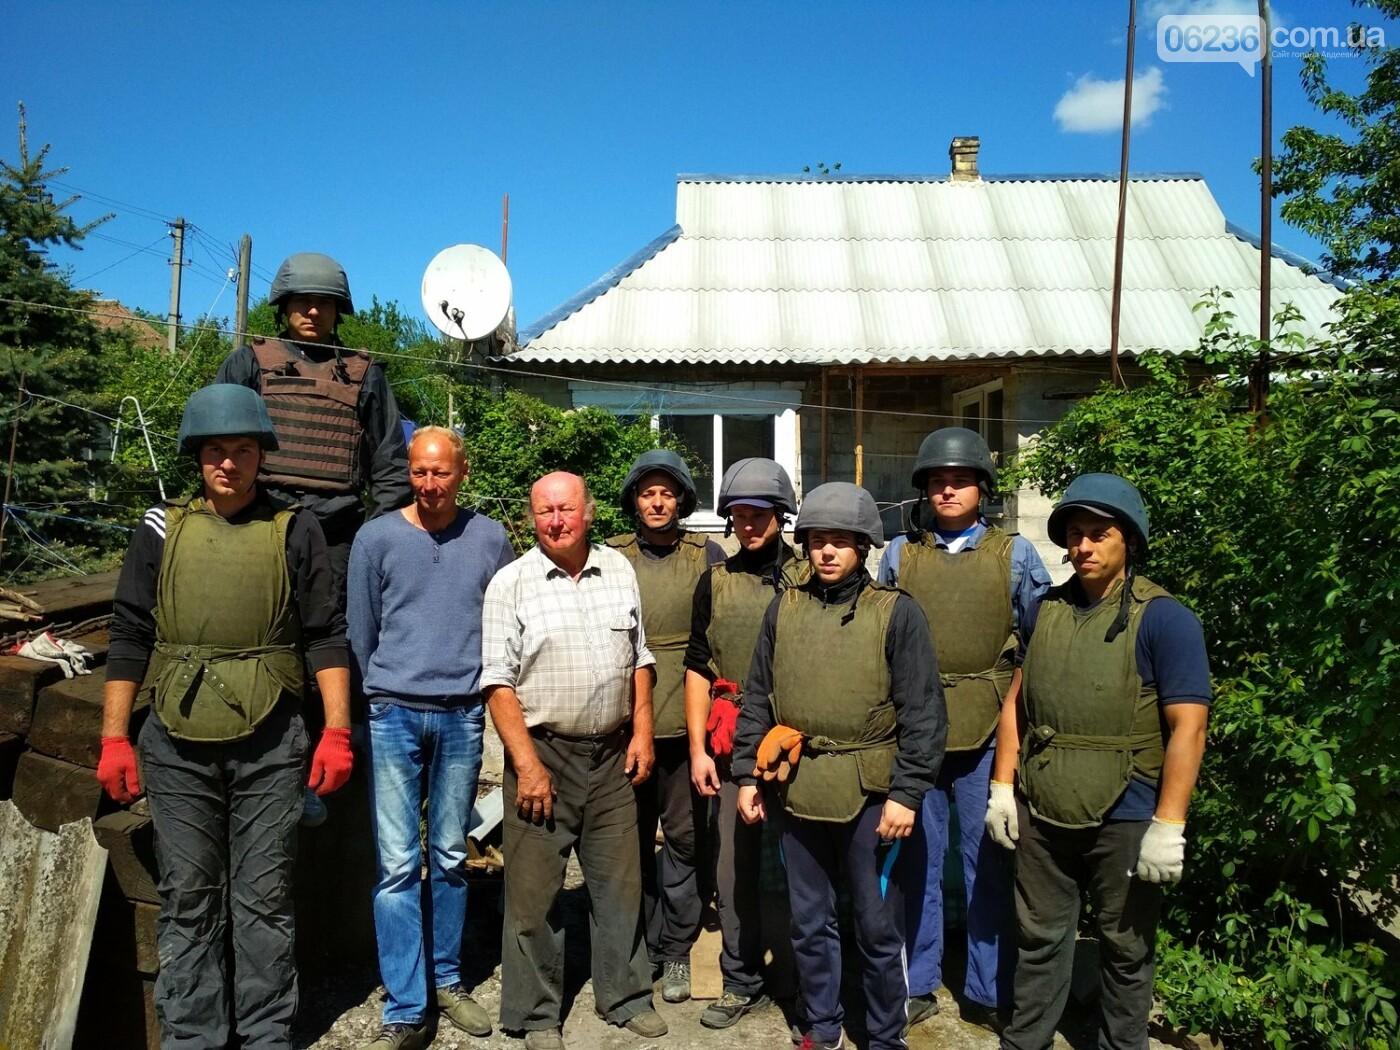 Спасатели продолжают восстанавливать поврежденные в результате боевых действий жилье в Авдеевке (ФОТО), фото-1